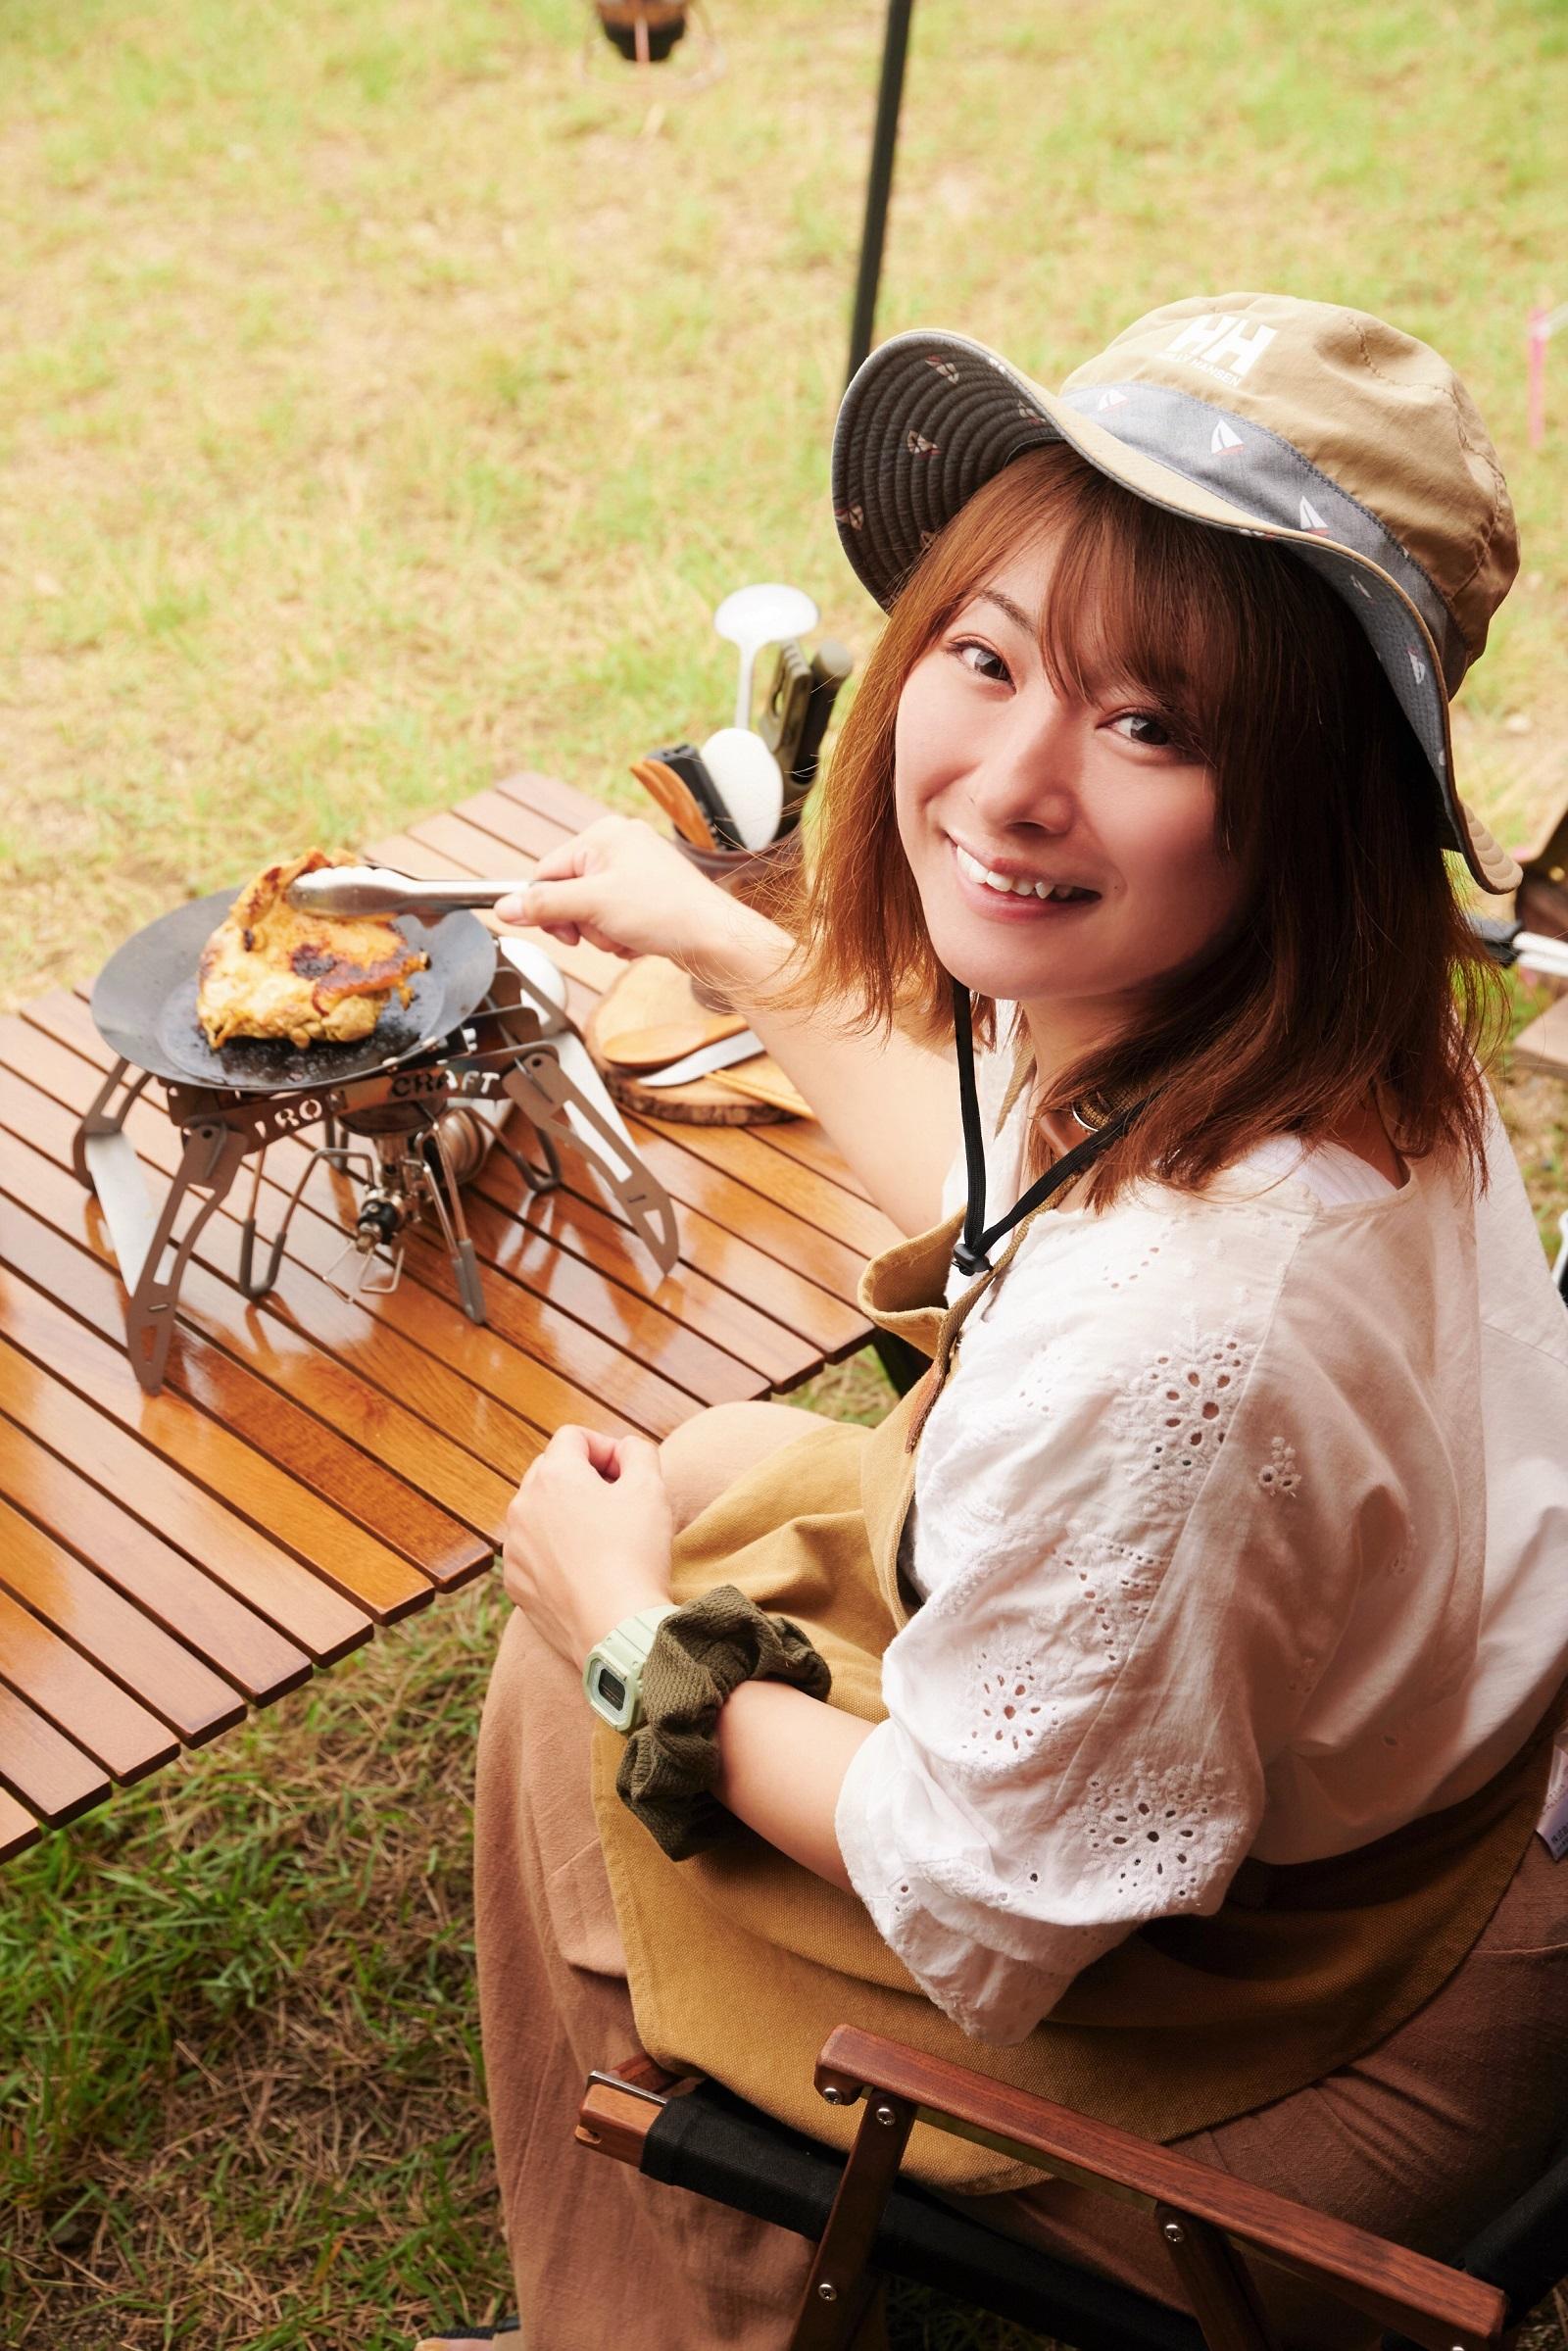 「著者 natsucamp(なつきゃんぷ)さん」画像